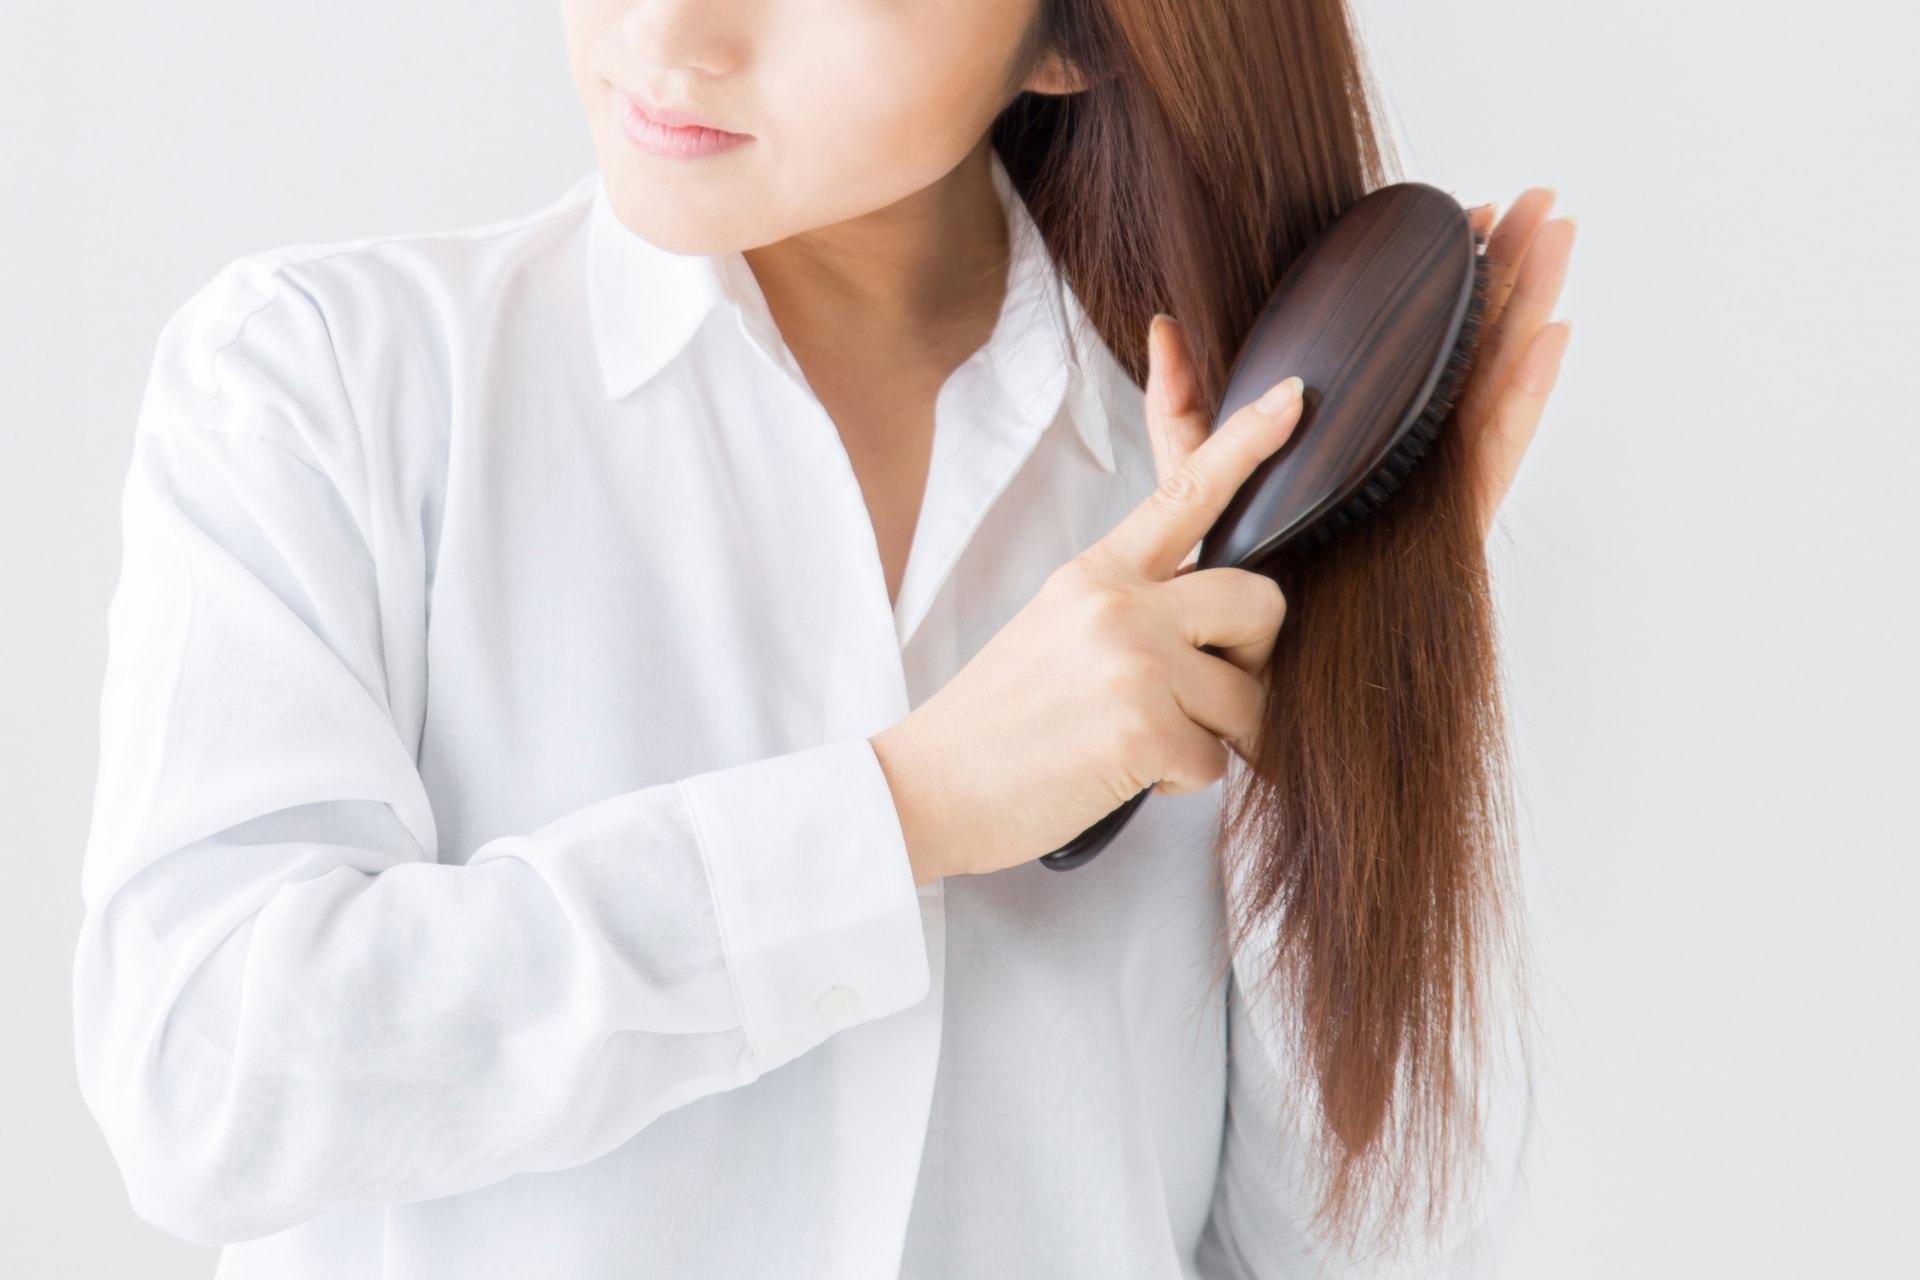 【薄毛の原因】女性の薄毛の原因の「ひこう性脱毛症」とは